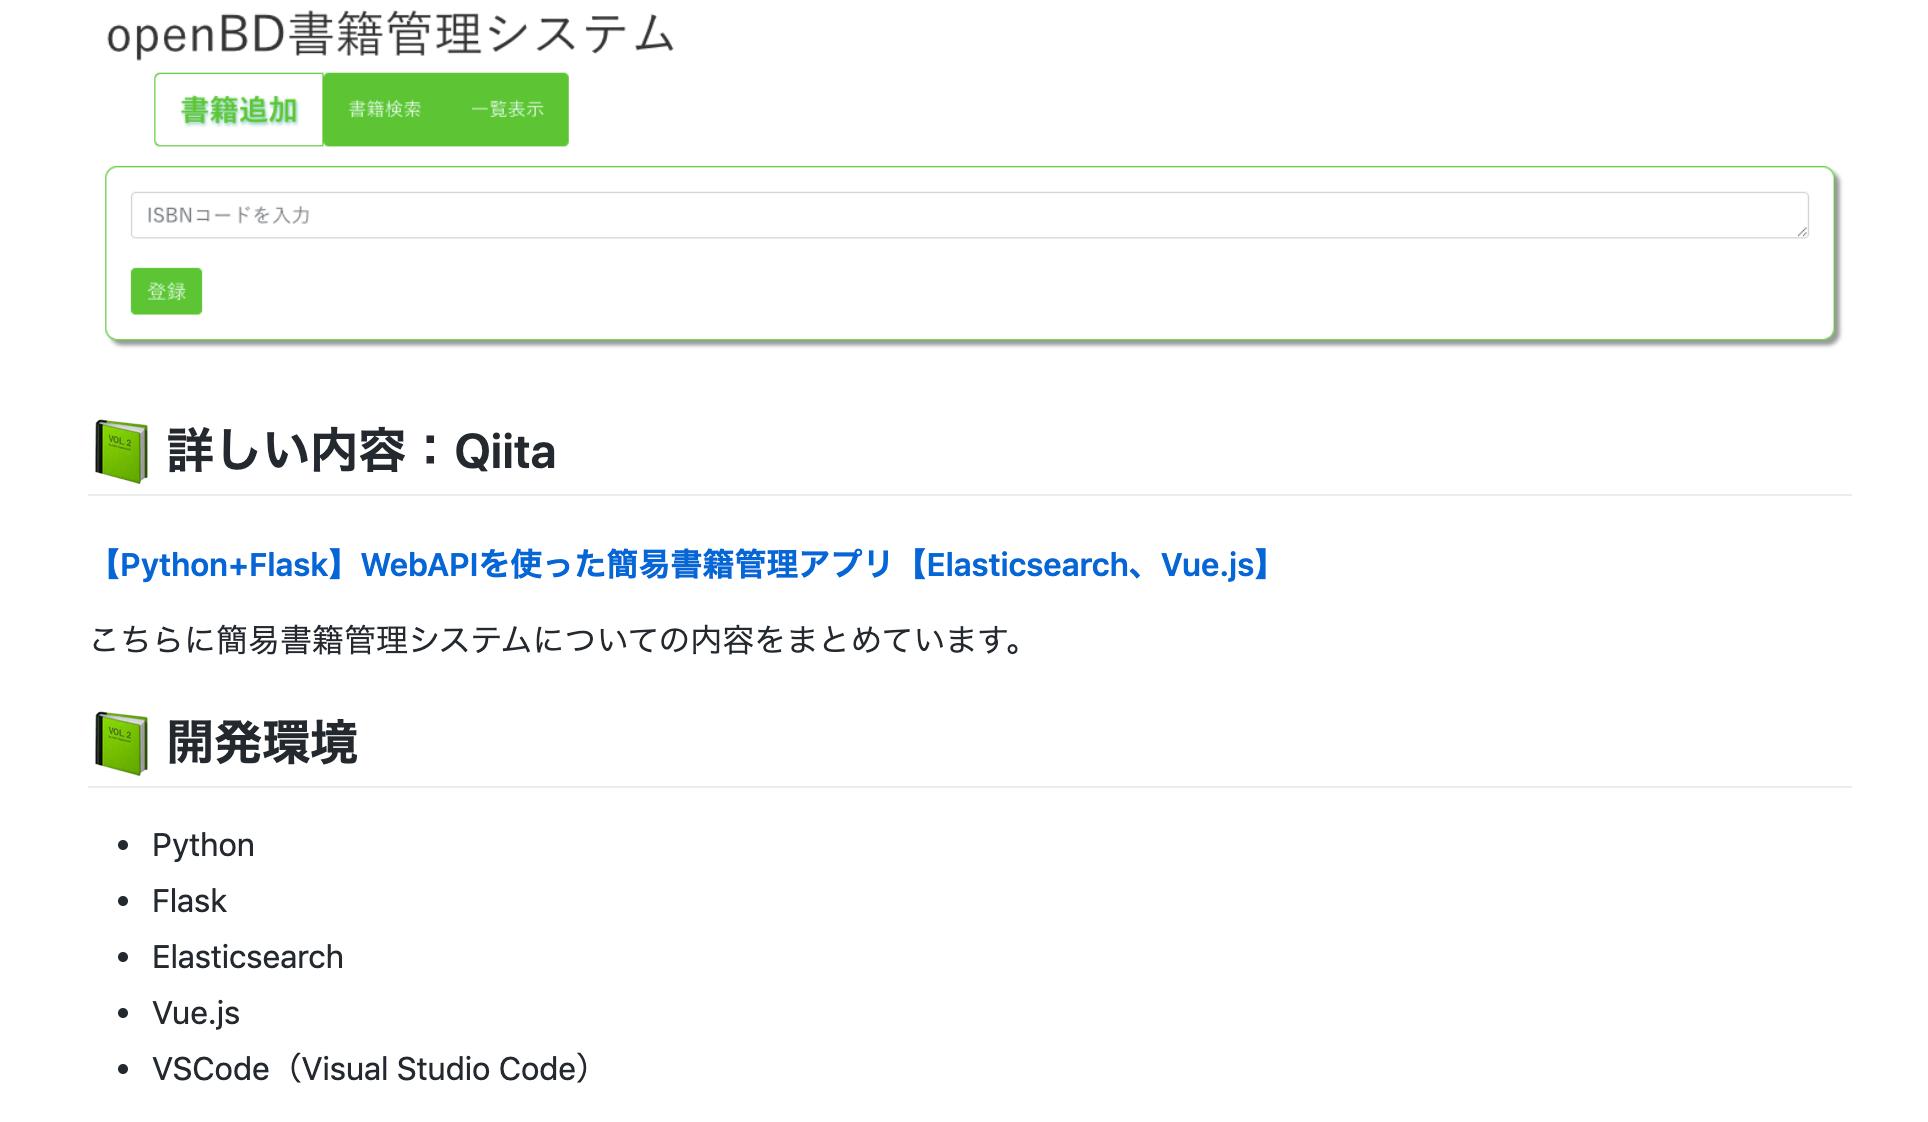 スクリーンショット 2020-01-09 16.34.17.png